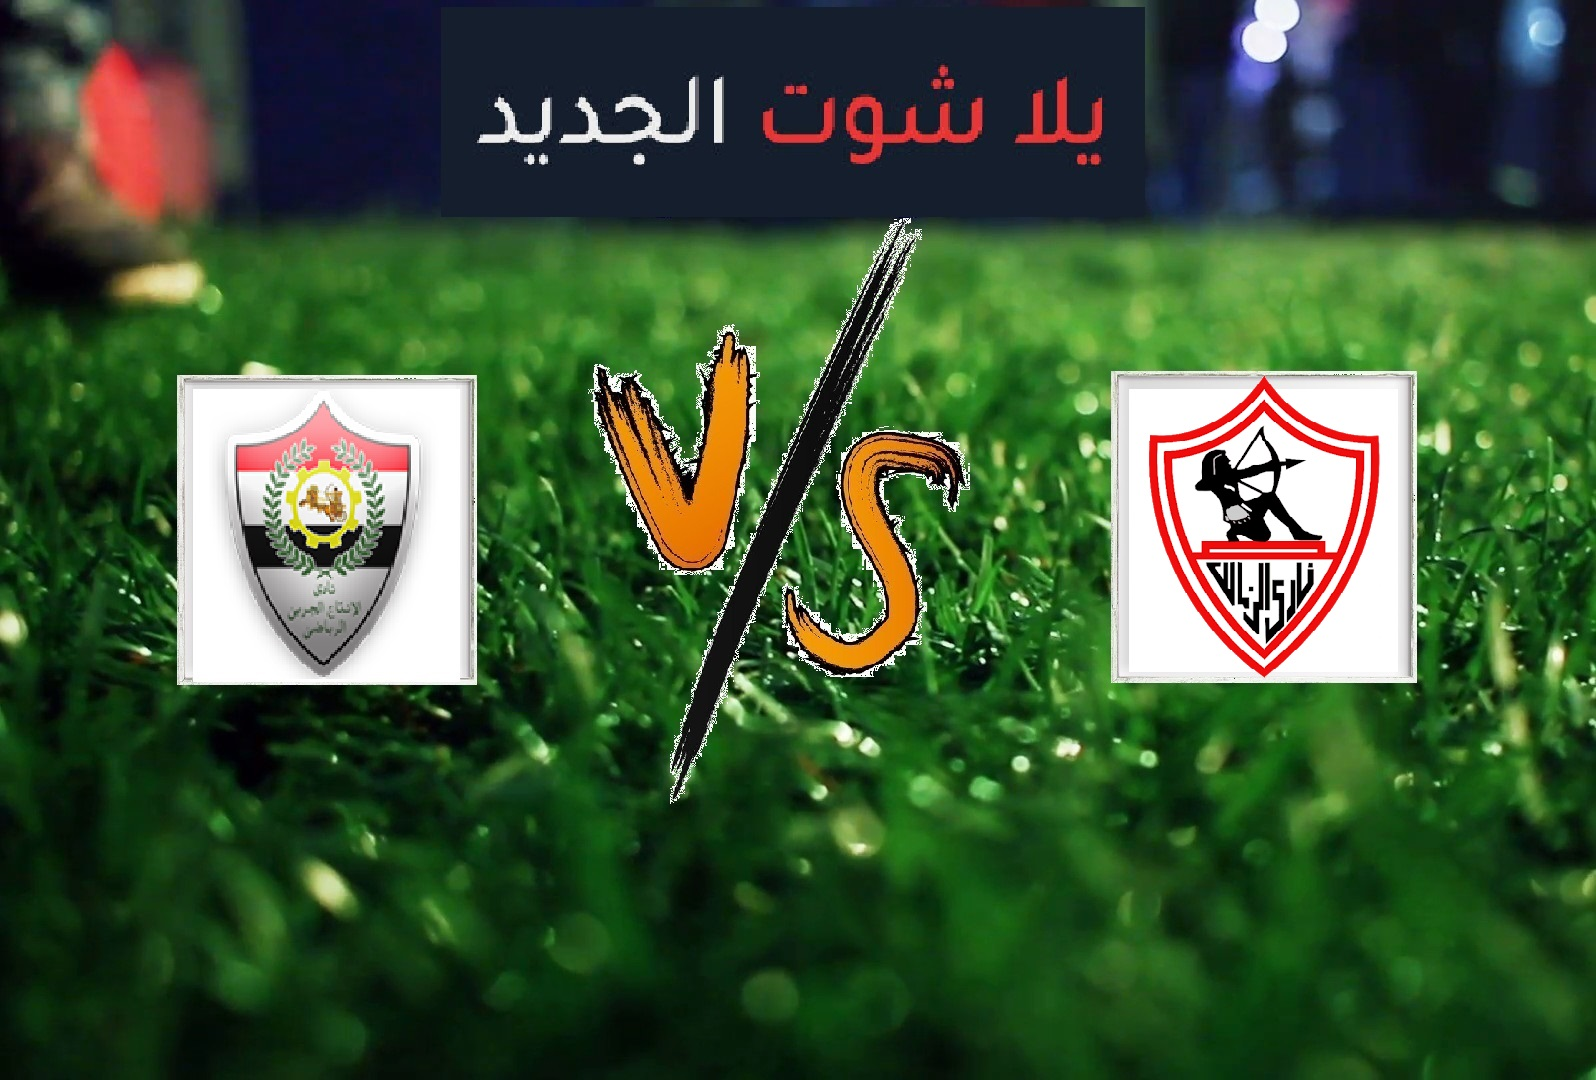 نتيجة مباراة الزمالك والانتاج الحربي اليوم الخميس بتاريخ 30-05-2019 الدوري المصري